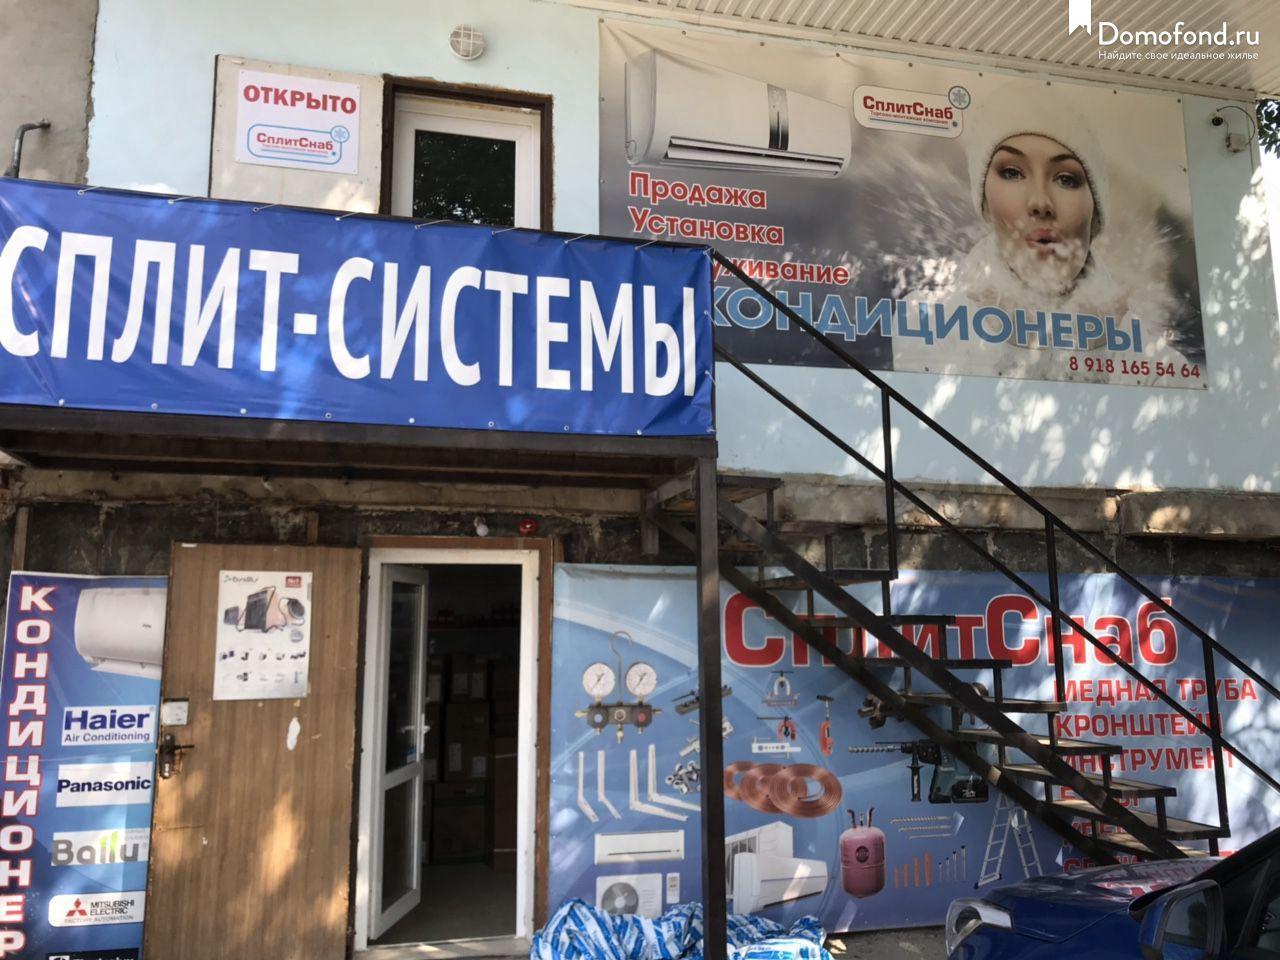 16434fc6b84c4 Купить магазин в городе Краснодар, продажа коммерческой недвижимости :  Domofond.ru